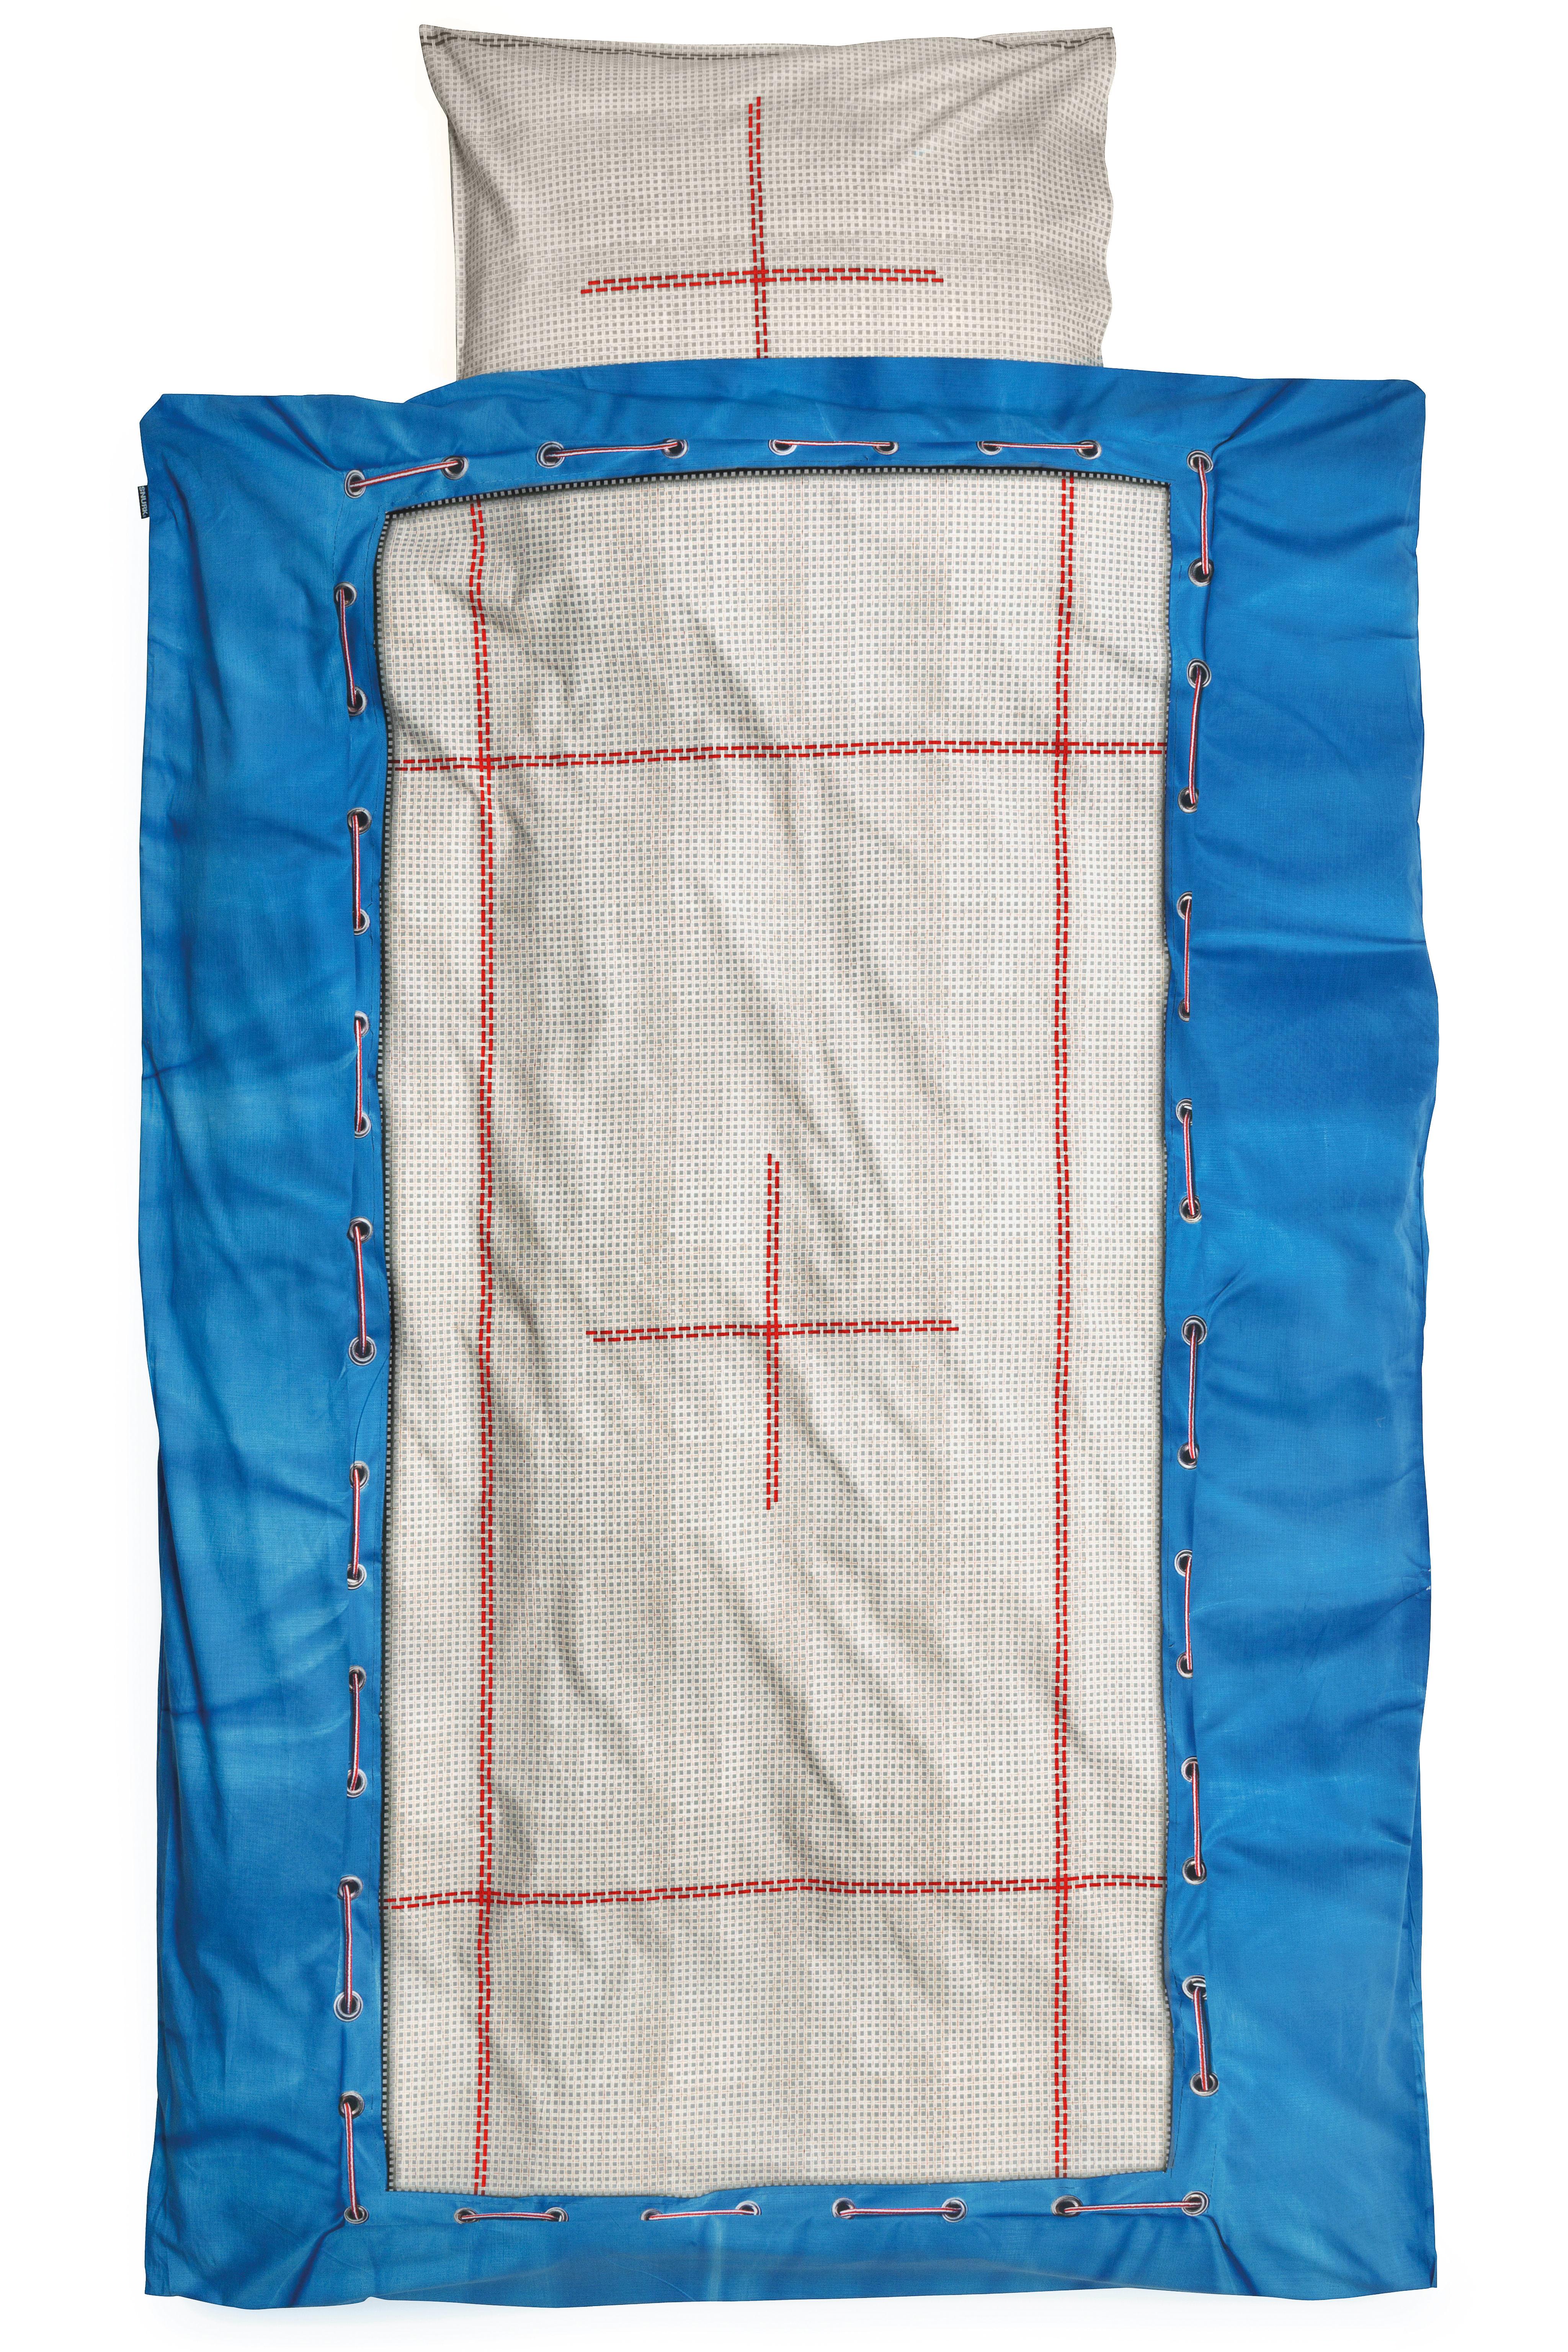 Parure de lit 1 personne trampoline 140 x 200 cm - Lit 1 personne dimension ...